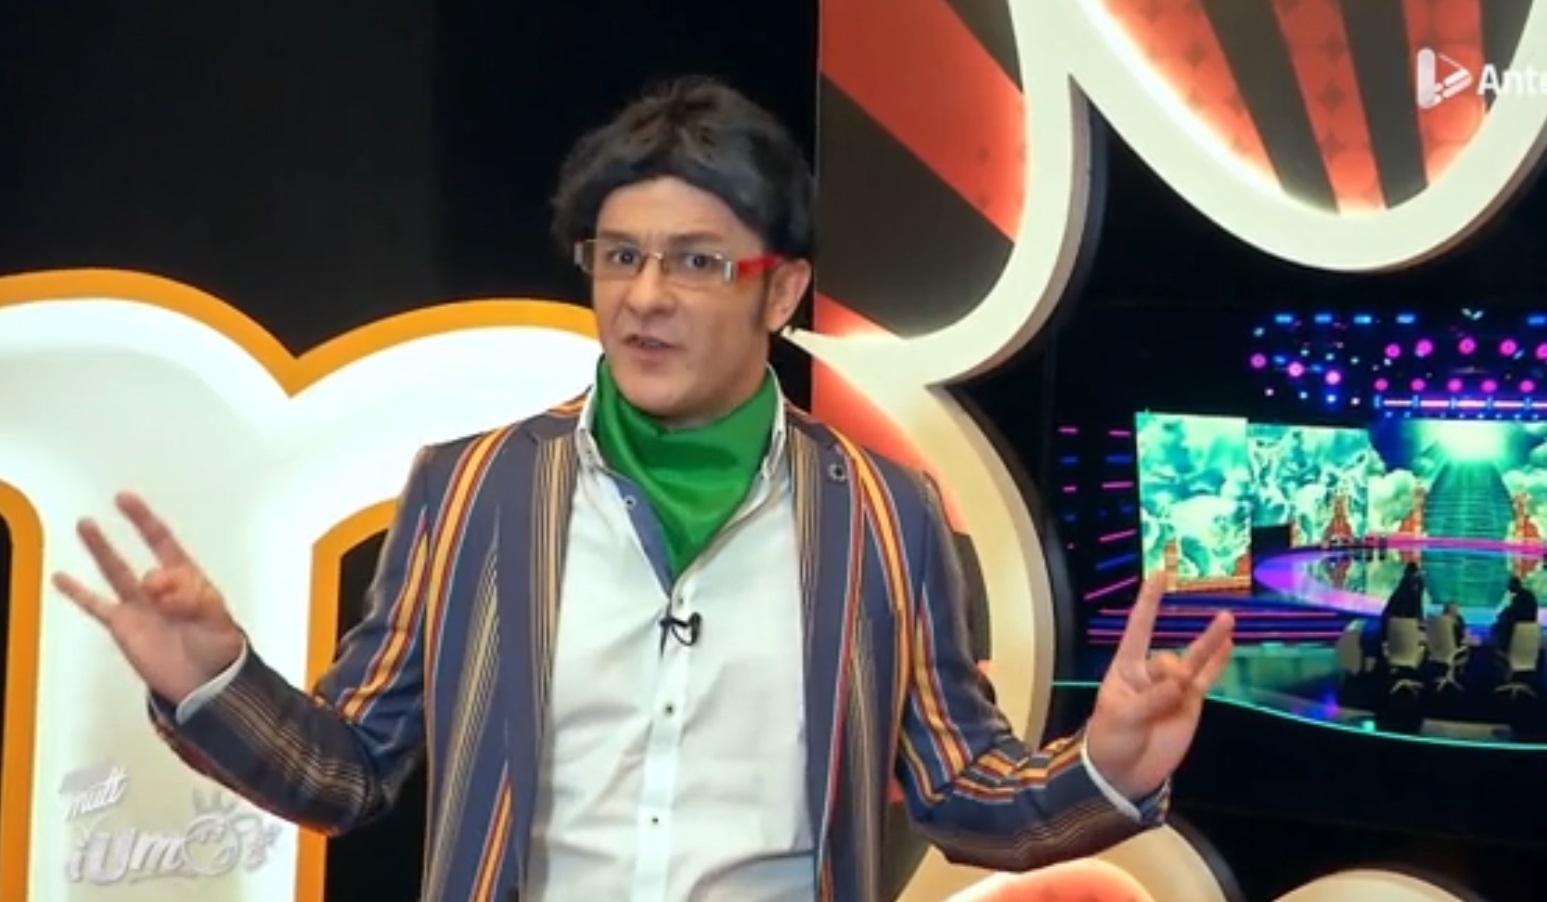 """iMai mult umor, episodul 2, 2 octombrie 2021. Vlad Drăgulin vrea să afle cum stau concurenții la """"casa sufletului"""""""